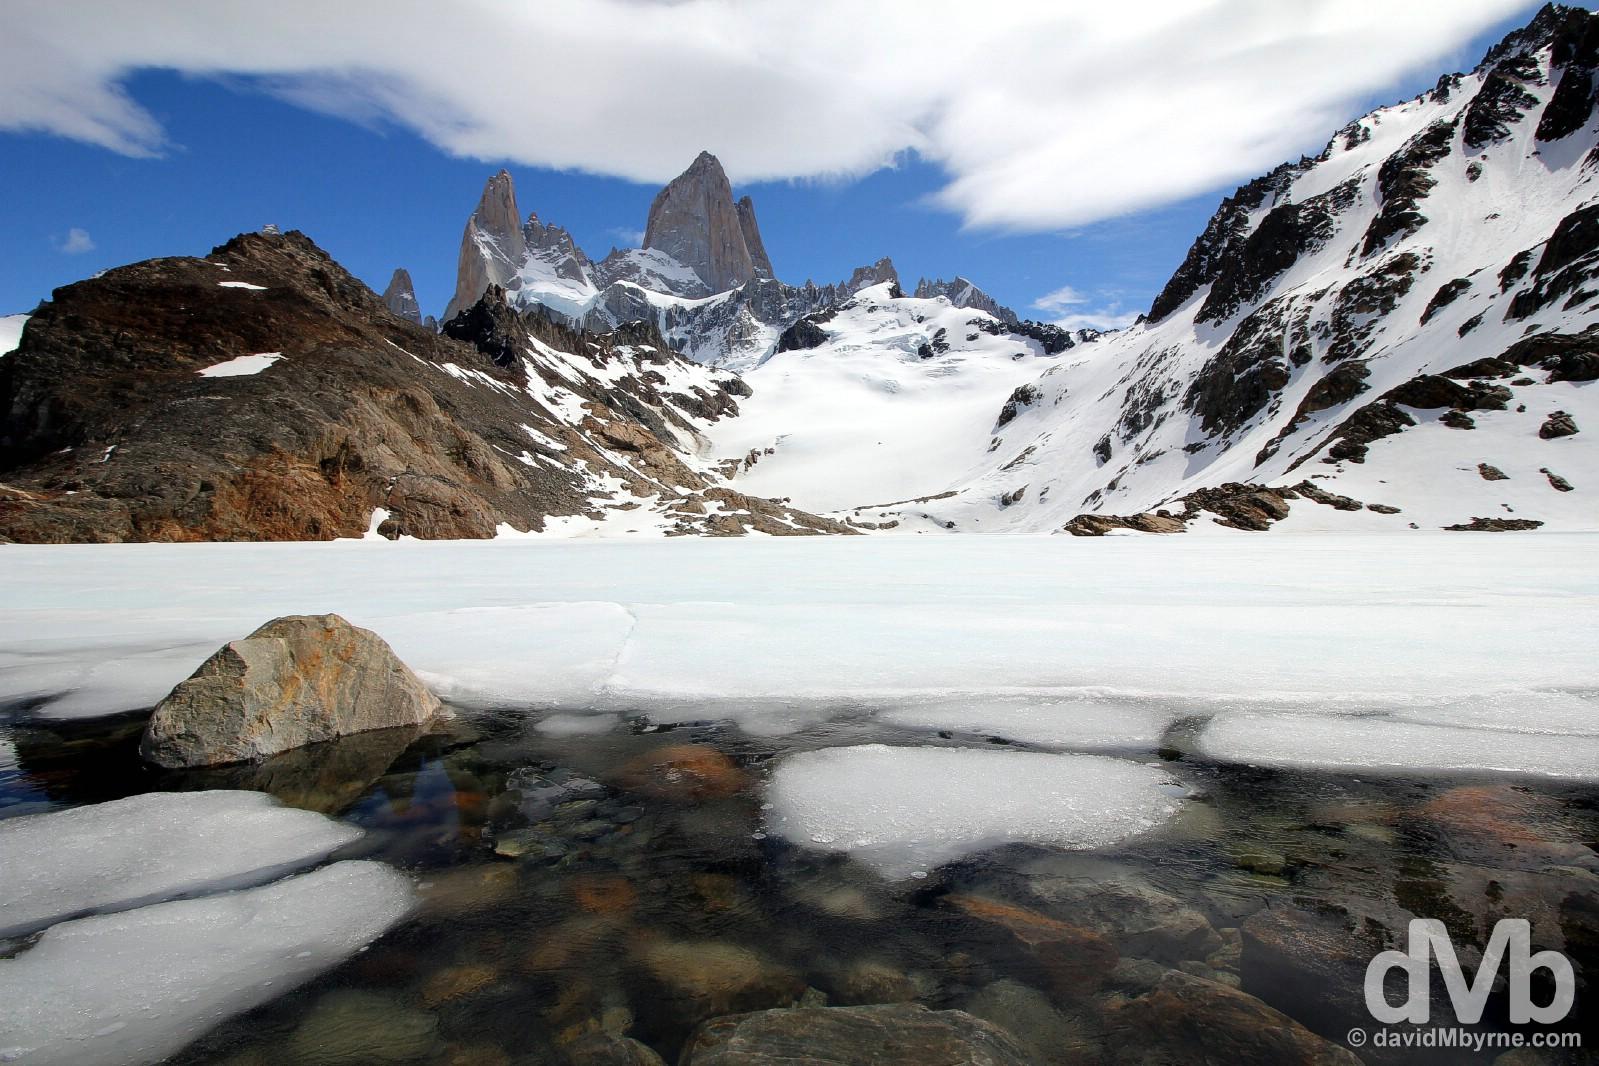 Laguna de los Tres fronting Monte Fitz Roy in Parque Nacional Los Glaciares, southern Patagonia, Argentina. November 4, 2015.